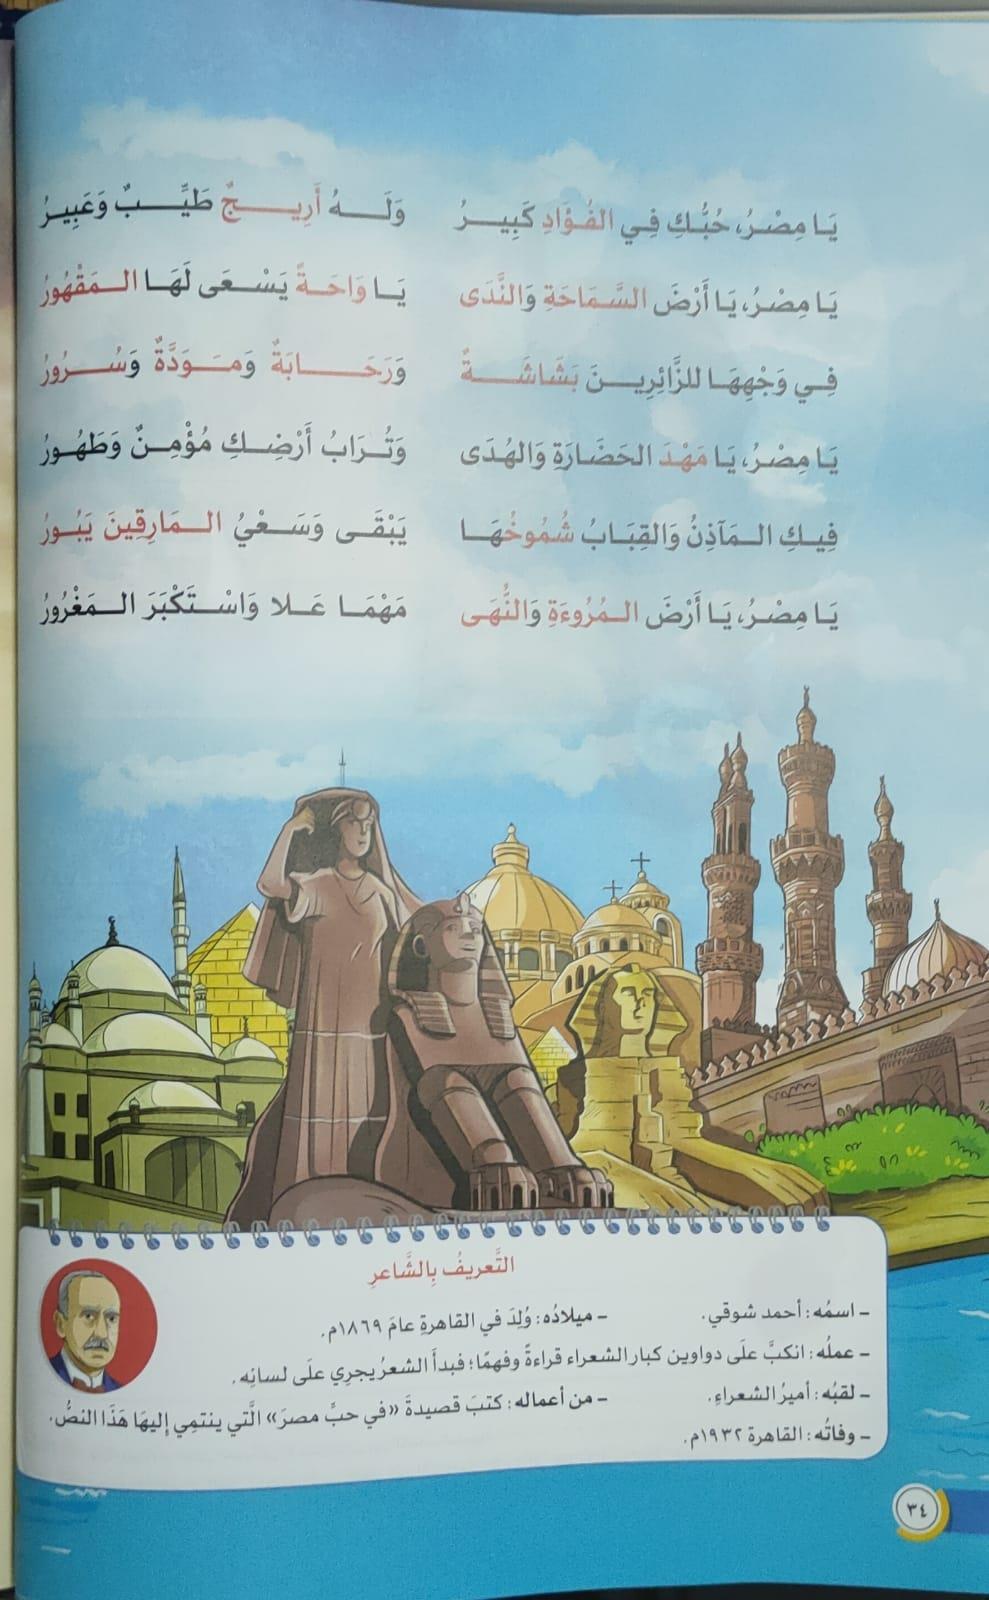 تداول خطأ في كتاب اللغة العربية للصف الرابع .. والتعليم تحسم الجدل 20039